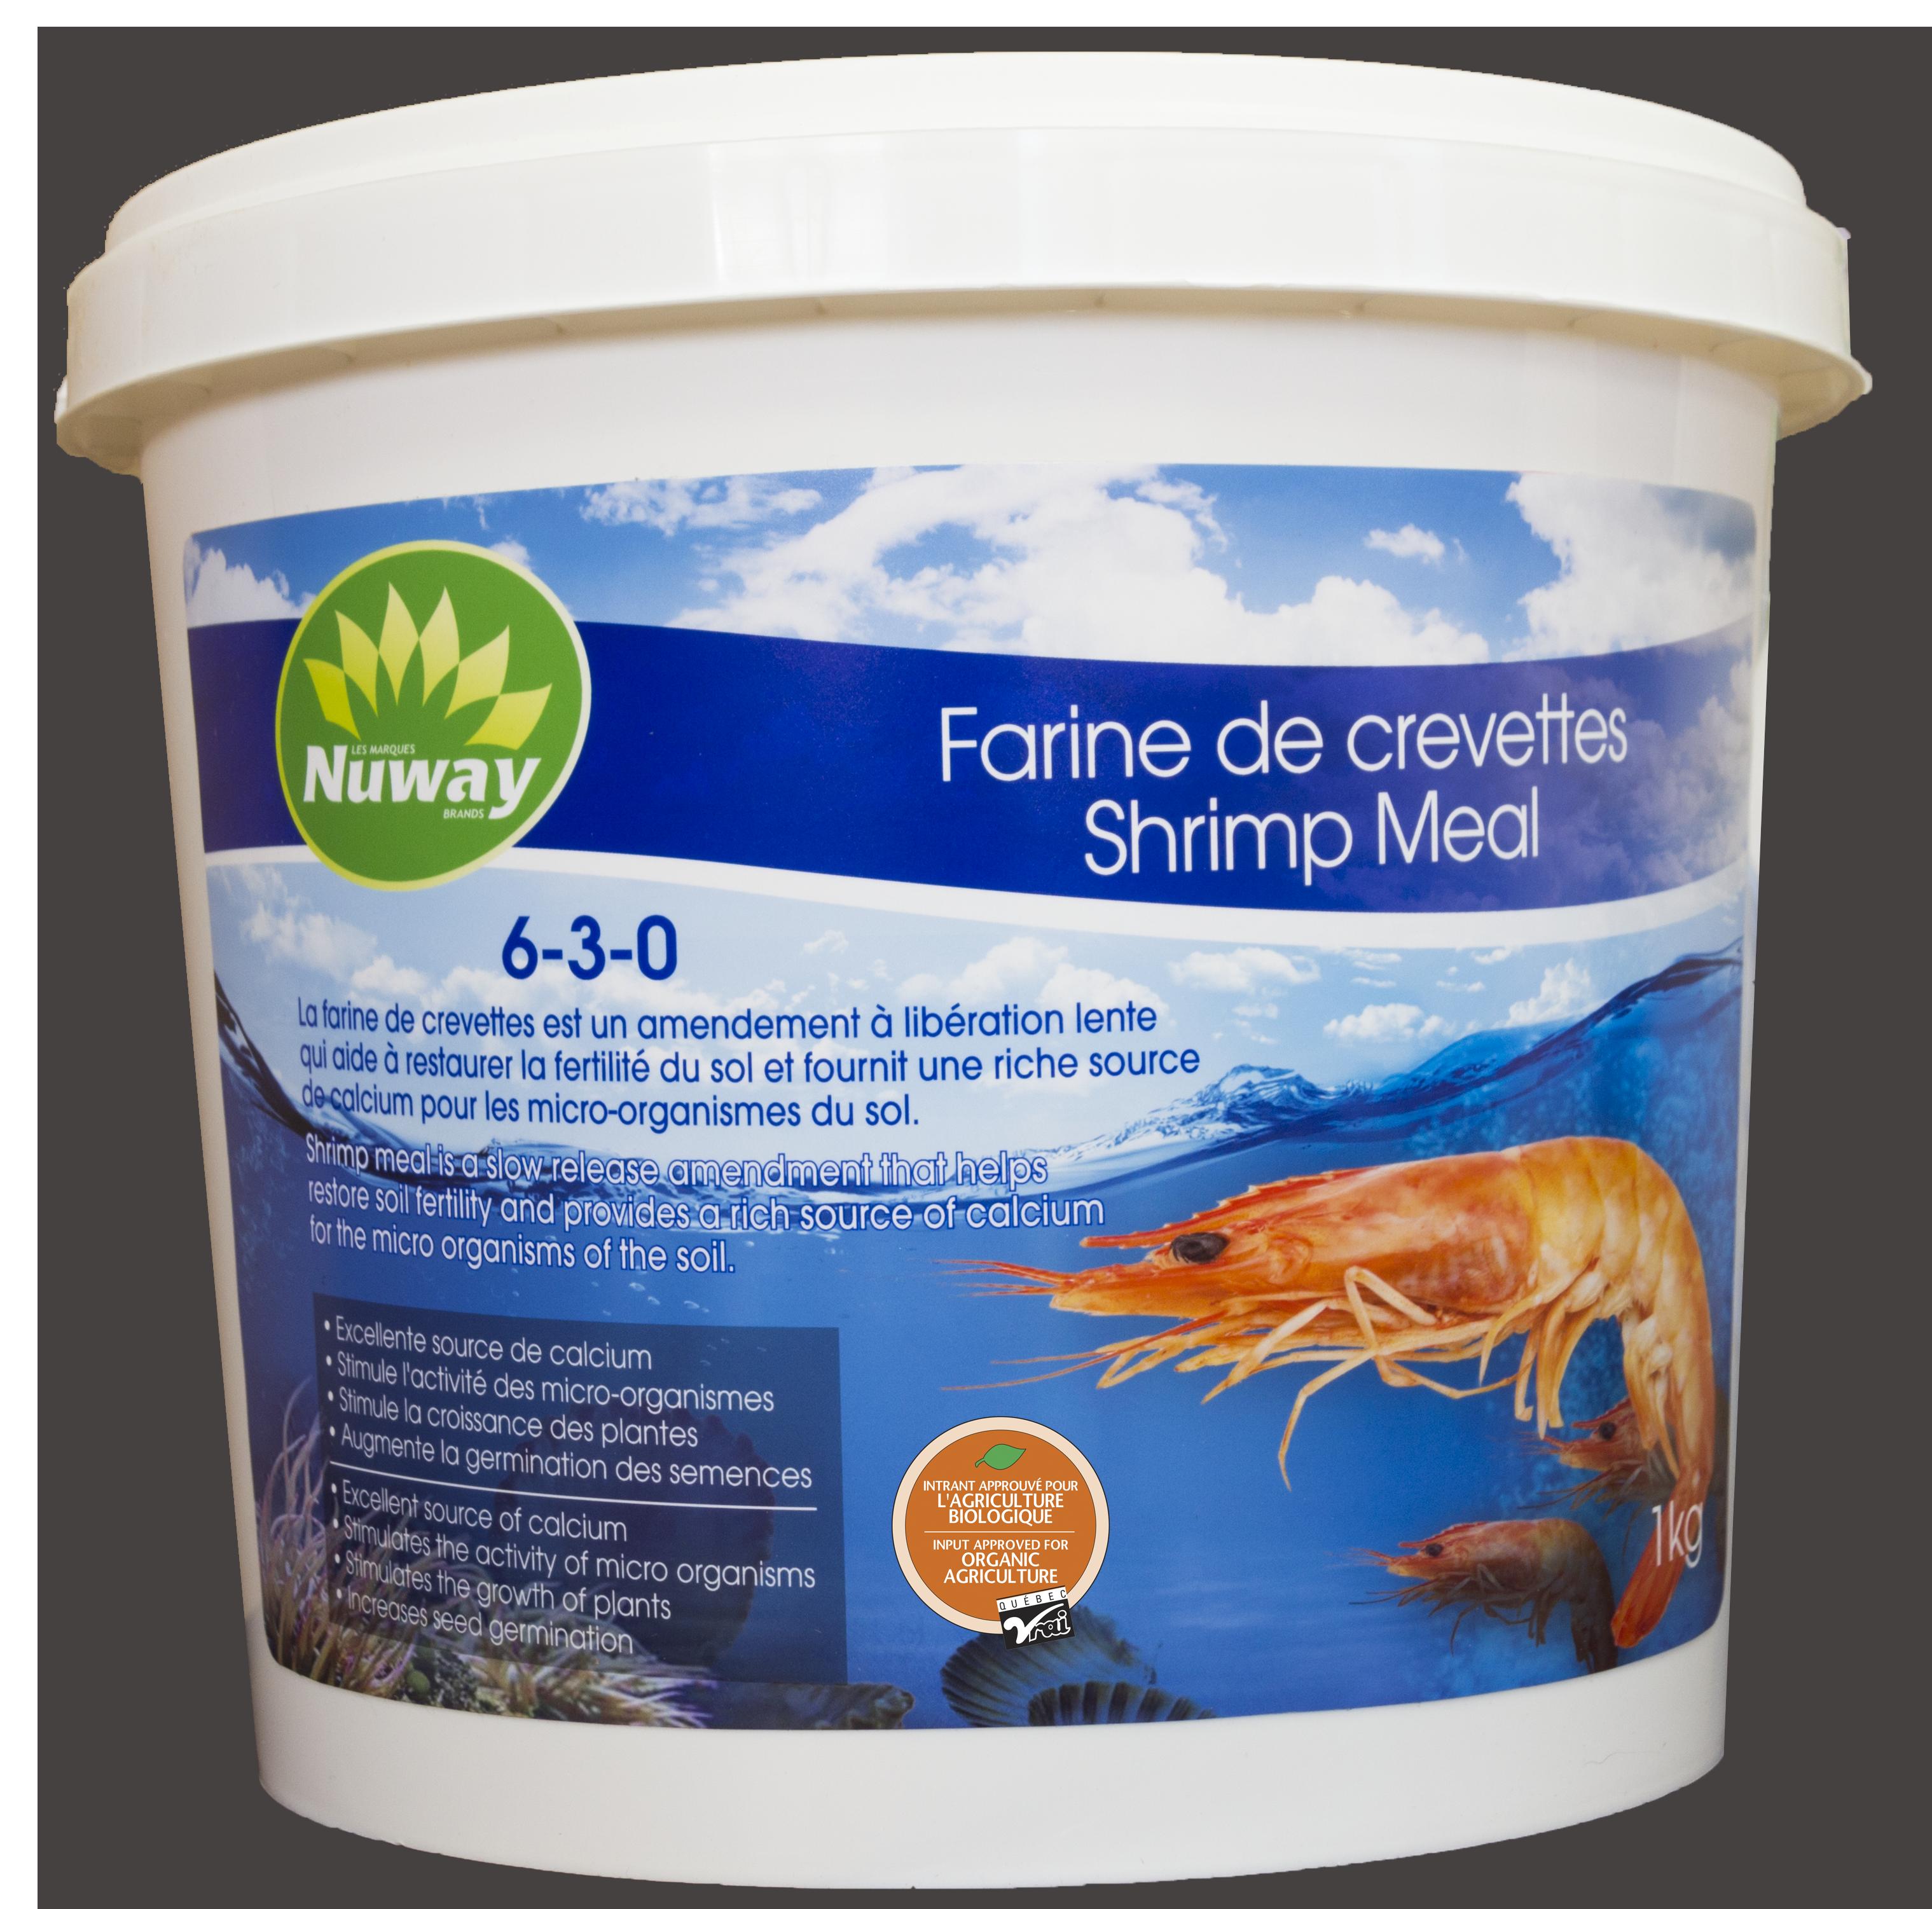 farine-de-crevettes-nuway-1kg_1_modifie-1